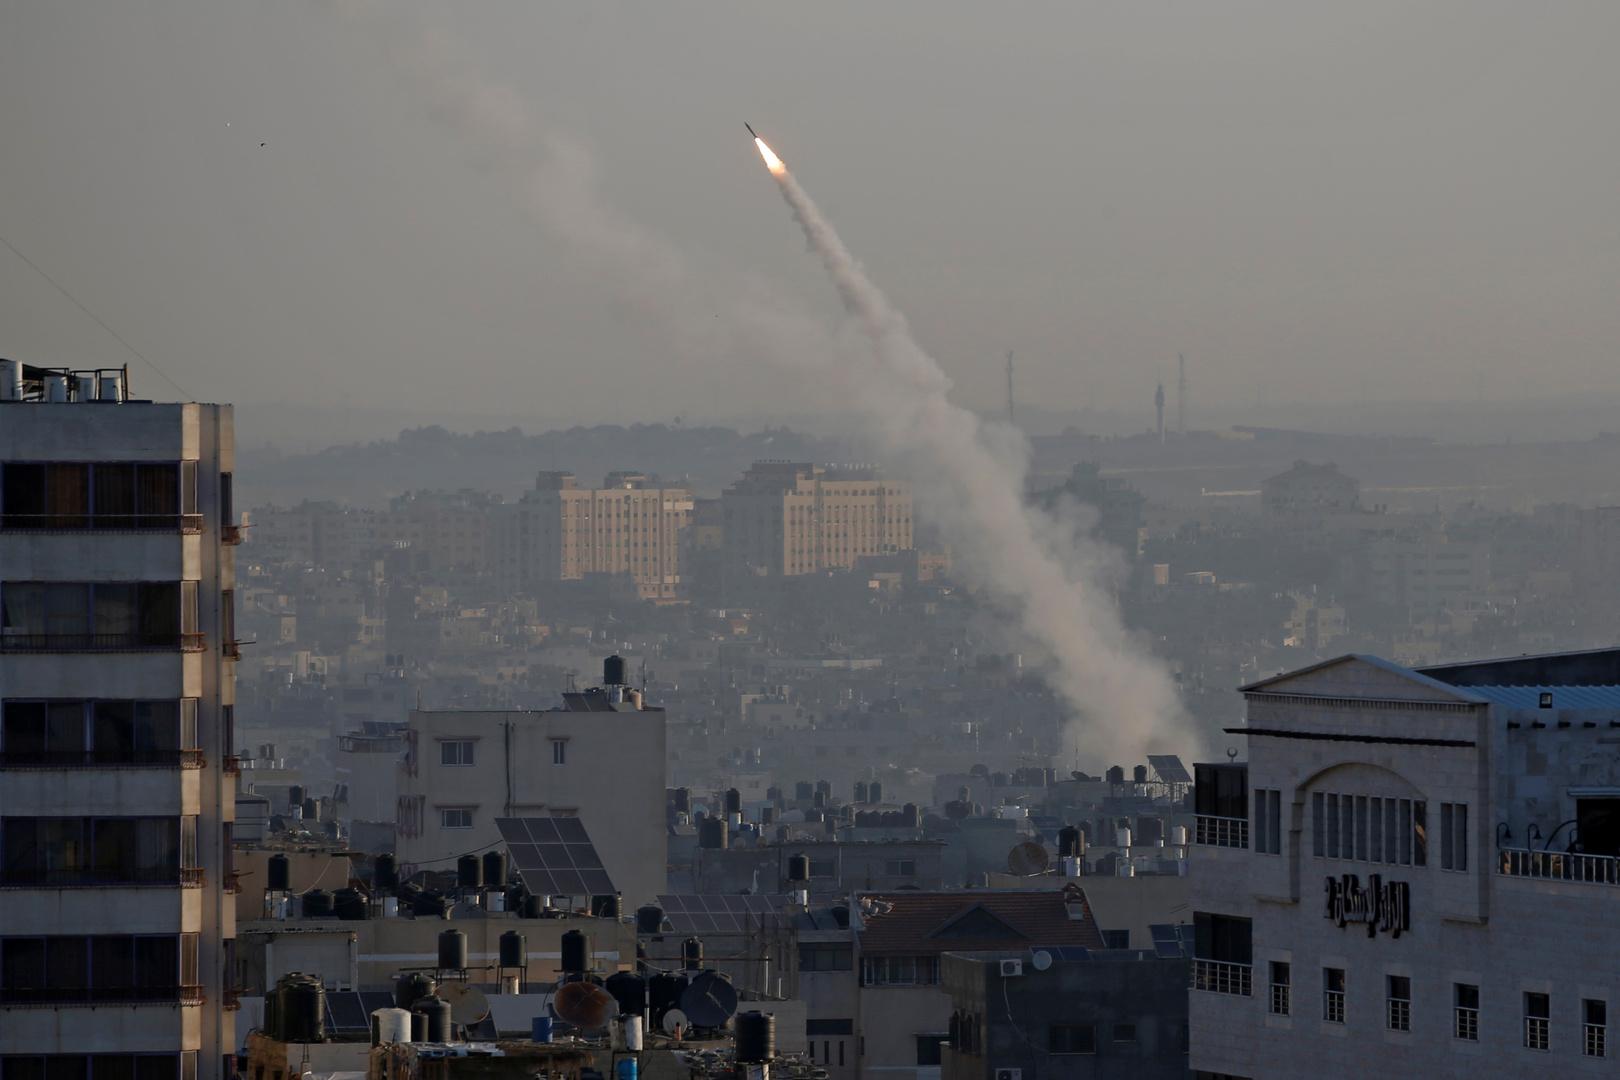 انطلاق صاروخ من قطاع غزة